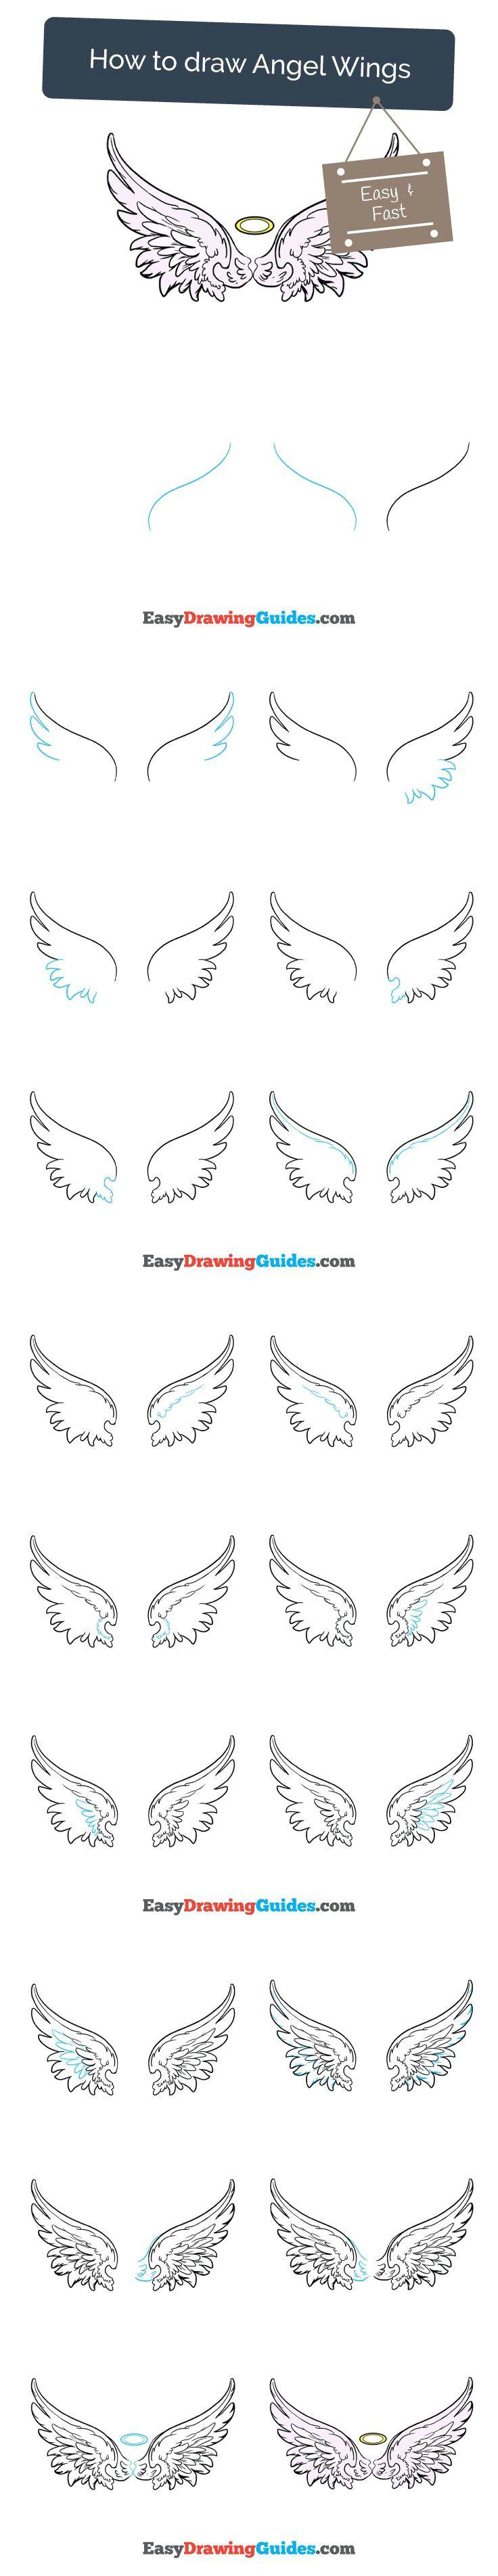 how to draw angel wings in a few easy steps in 2018 zeichnungen ideen pinterest zeichnen